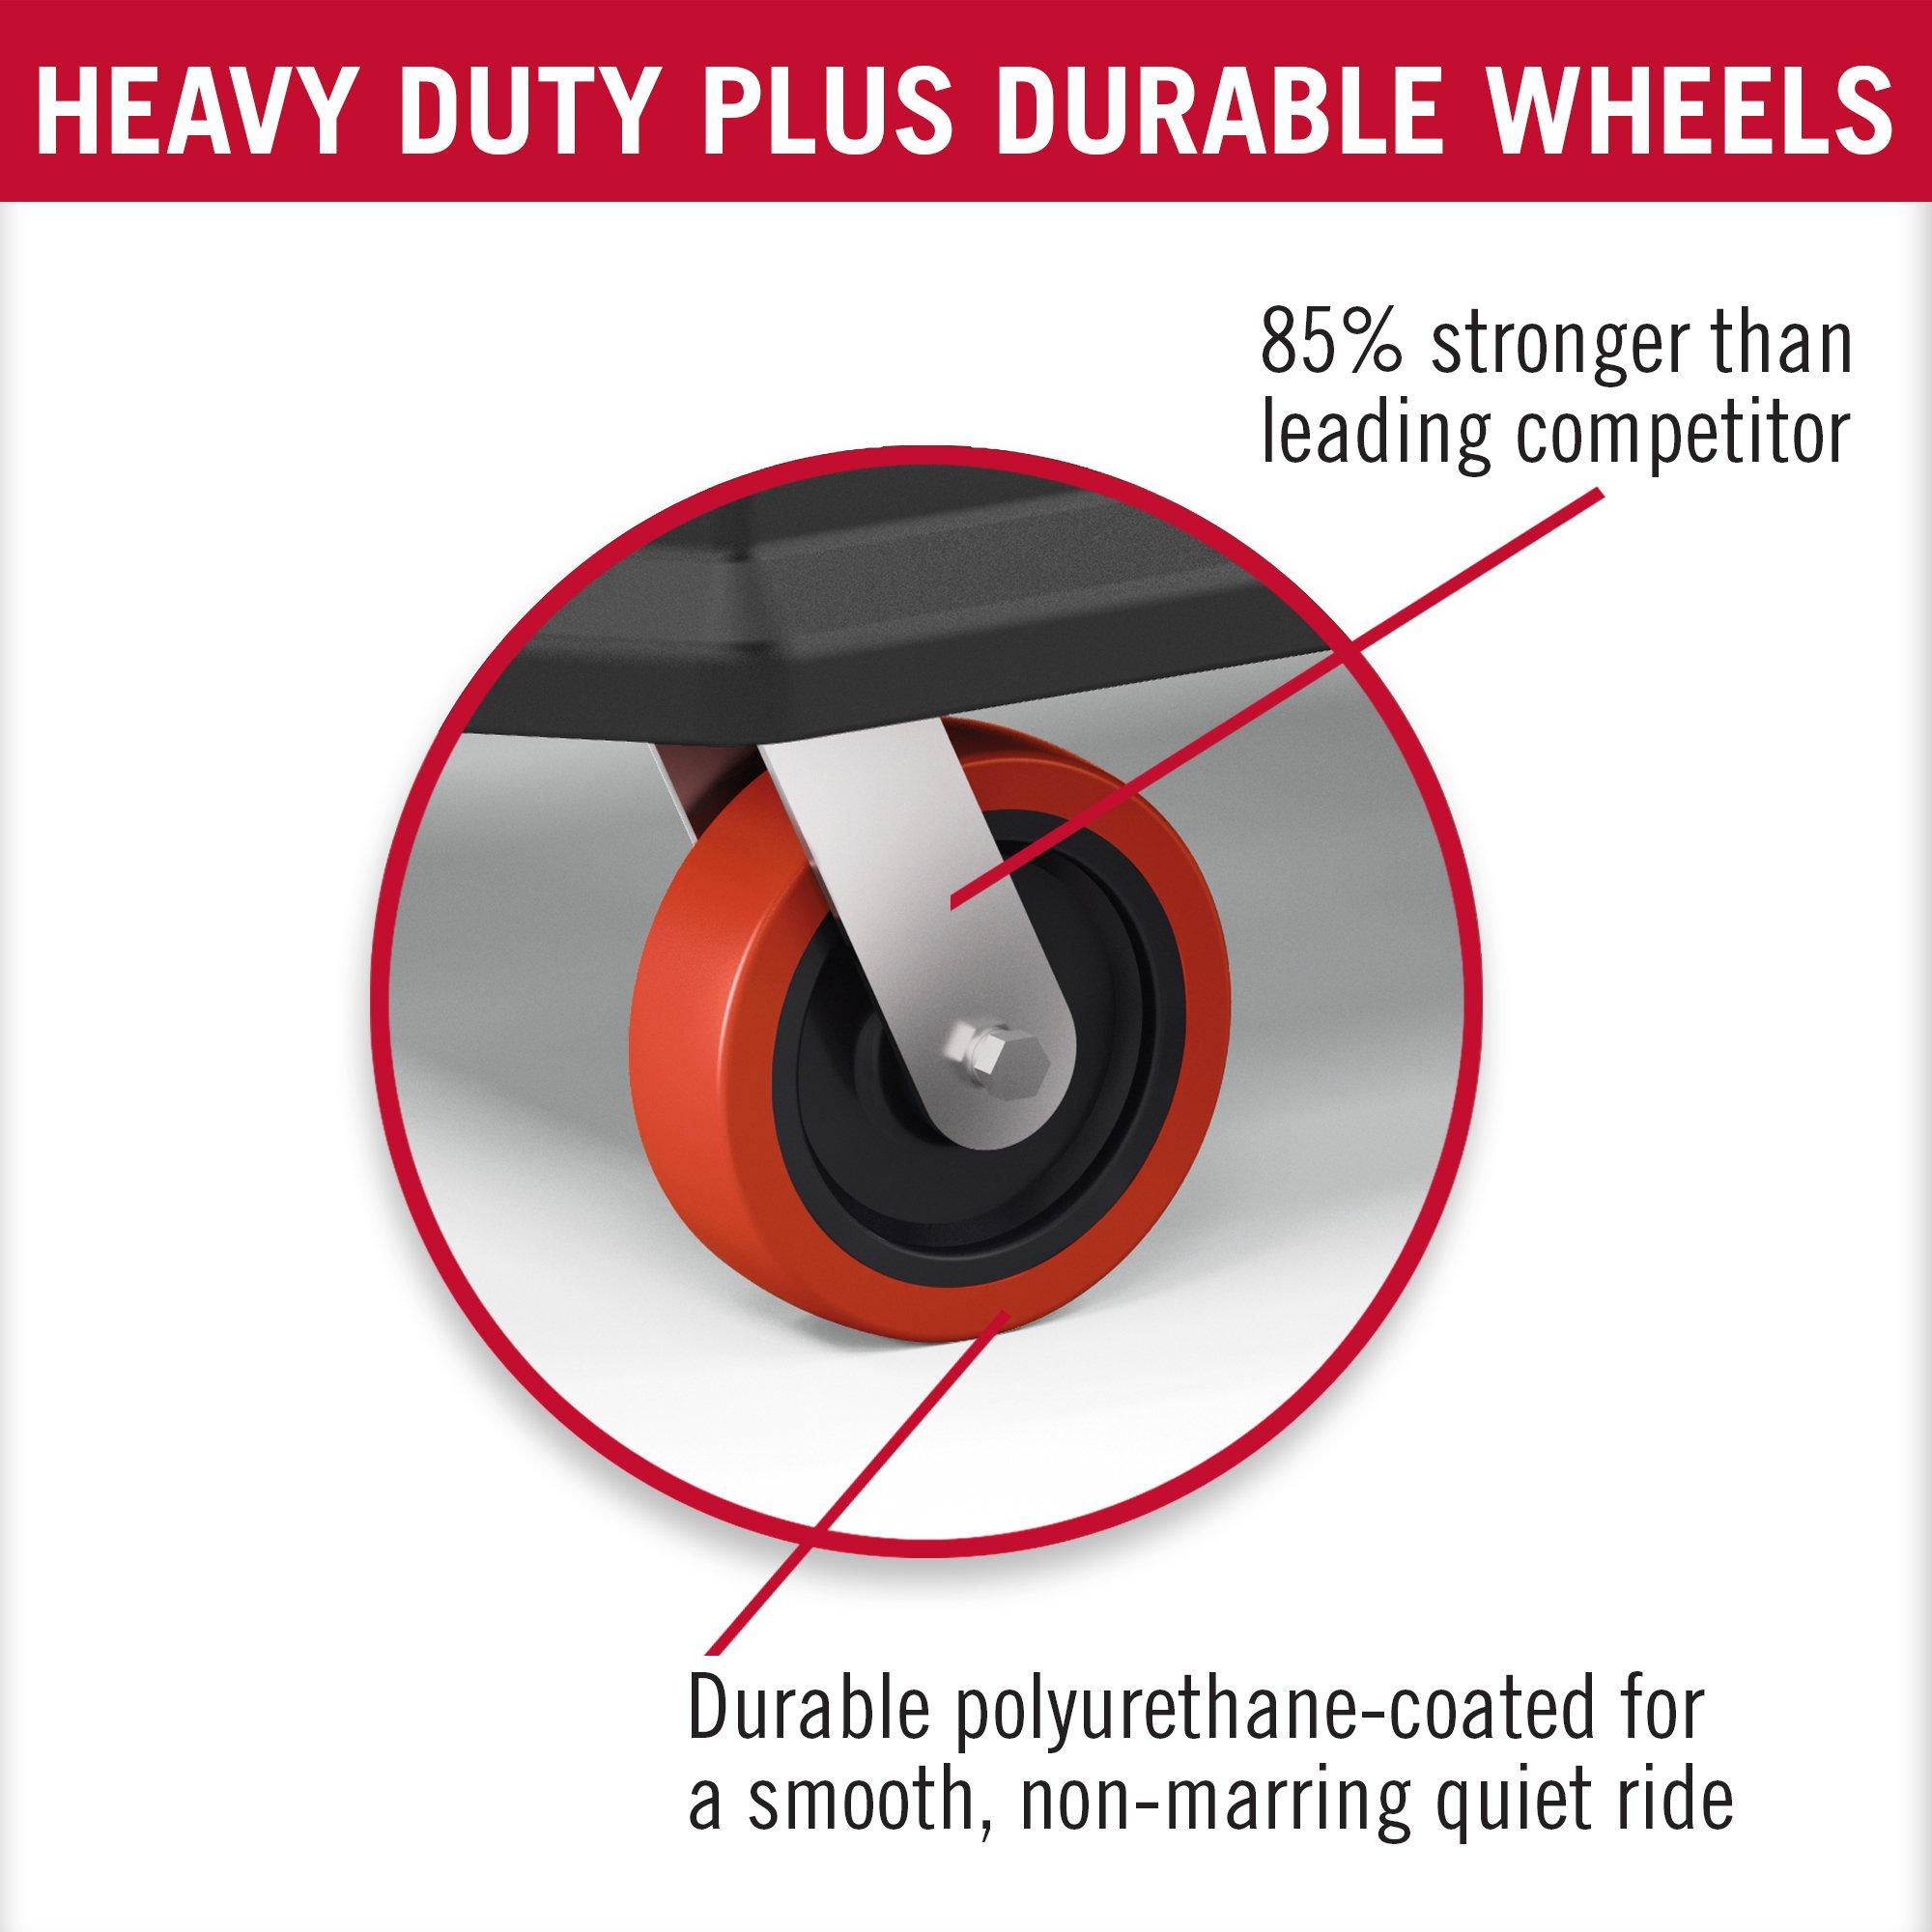 Suncast Commercial PUCHD2645 Utility Cart, Heavy Duty Plus, 500 Pounds Load Capacity, Black by Suncast Commercial (Image #4)